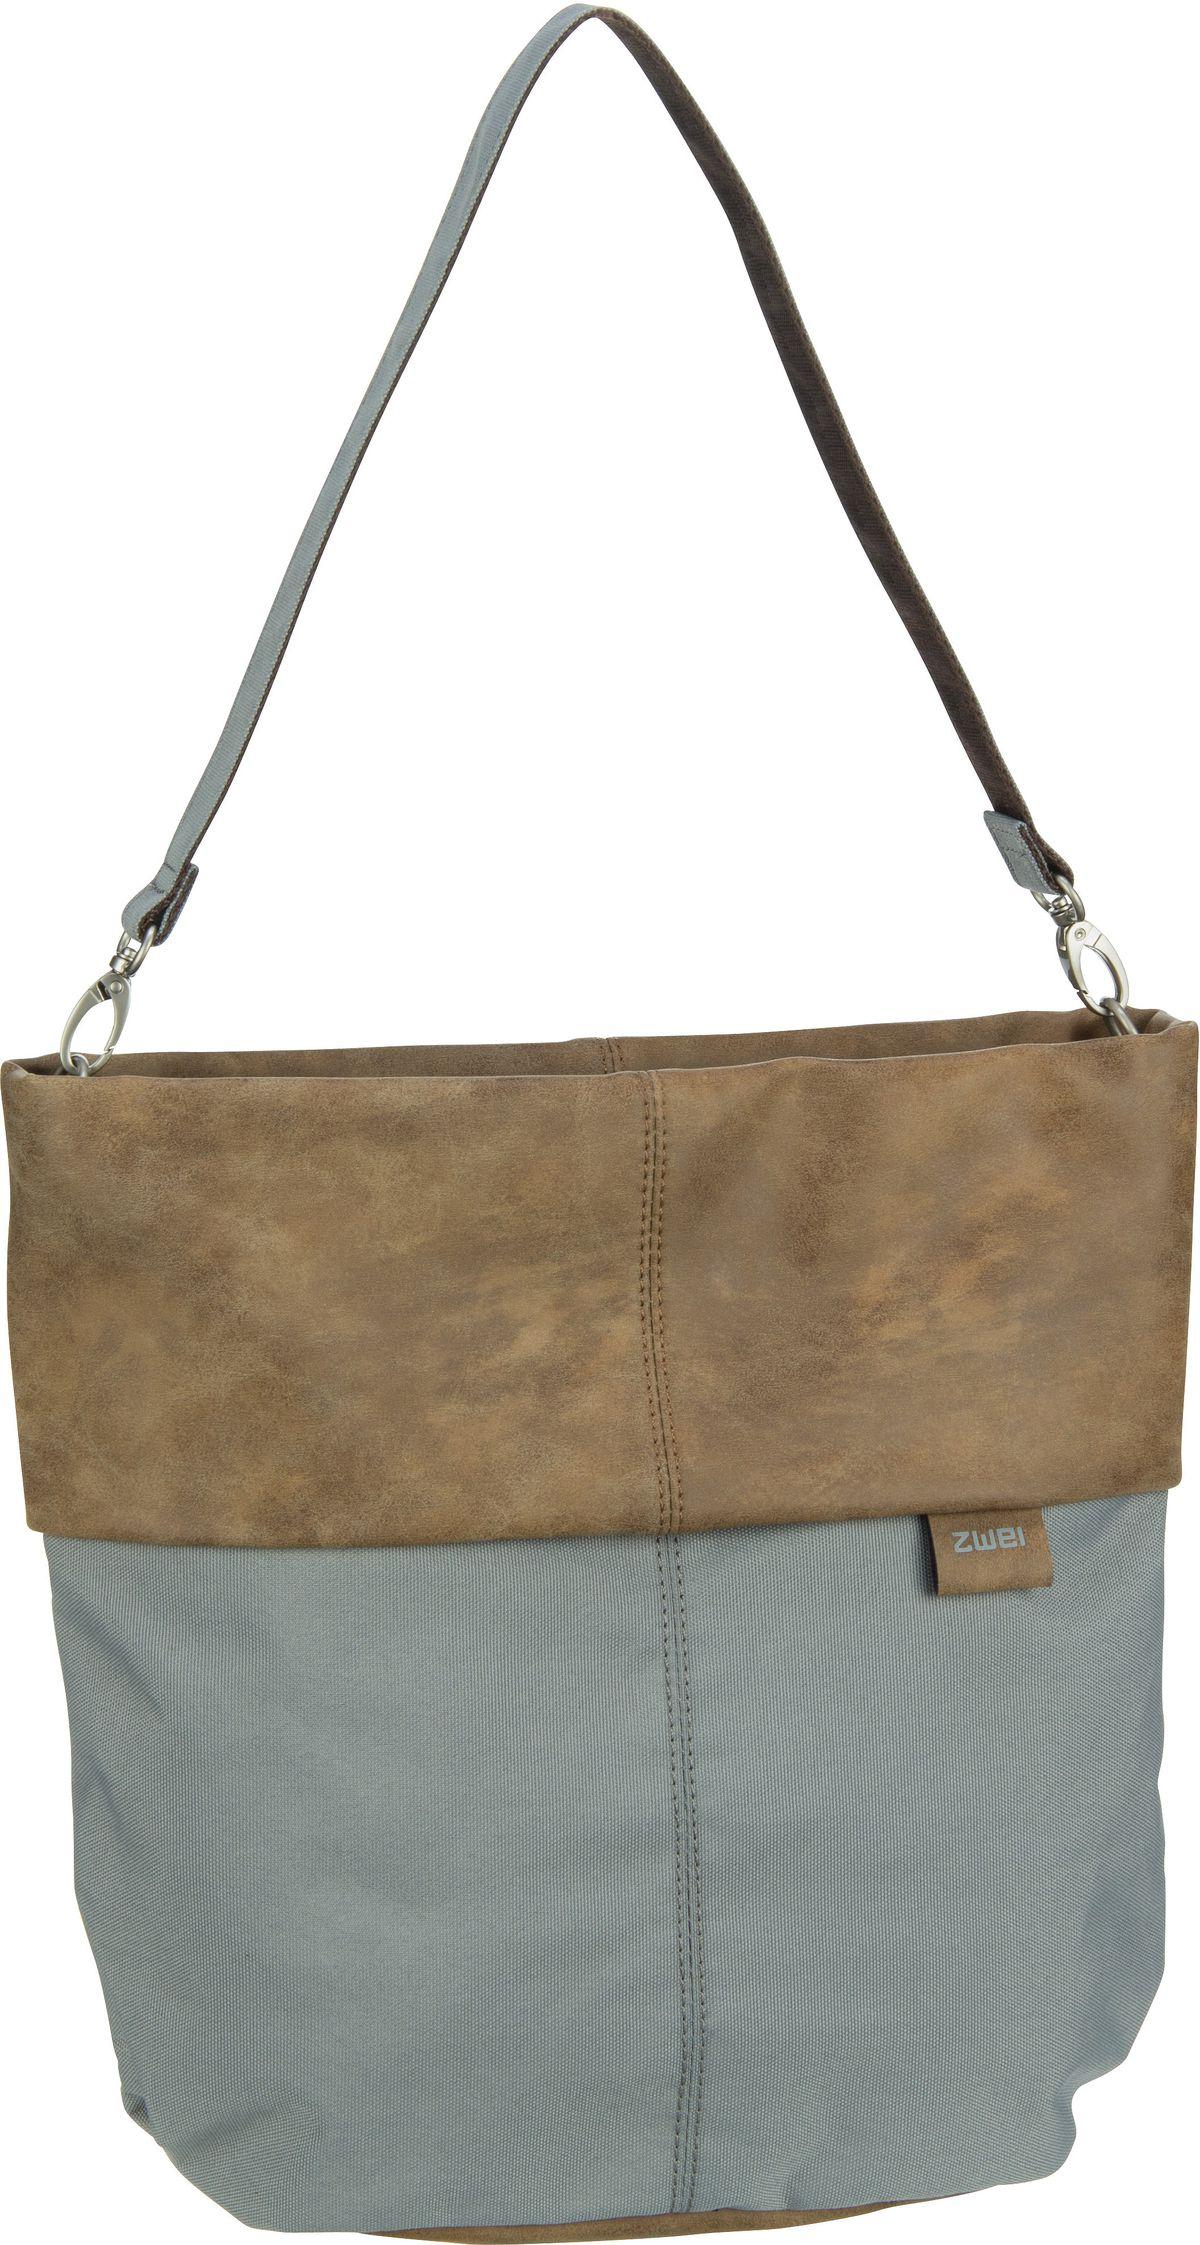 Handtasche Olli OT12 Limited/Grey (7 Liter)